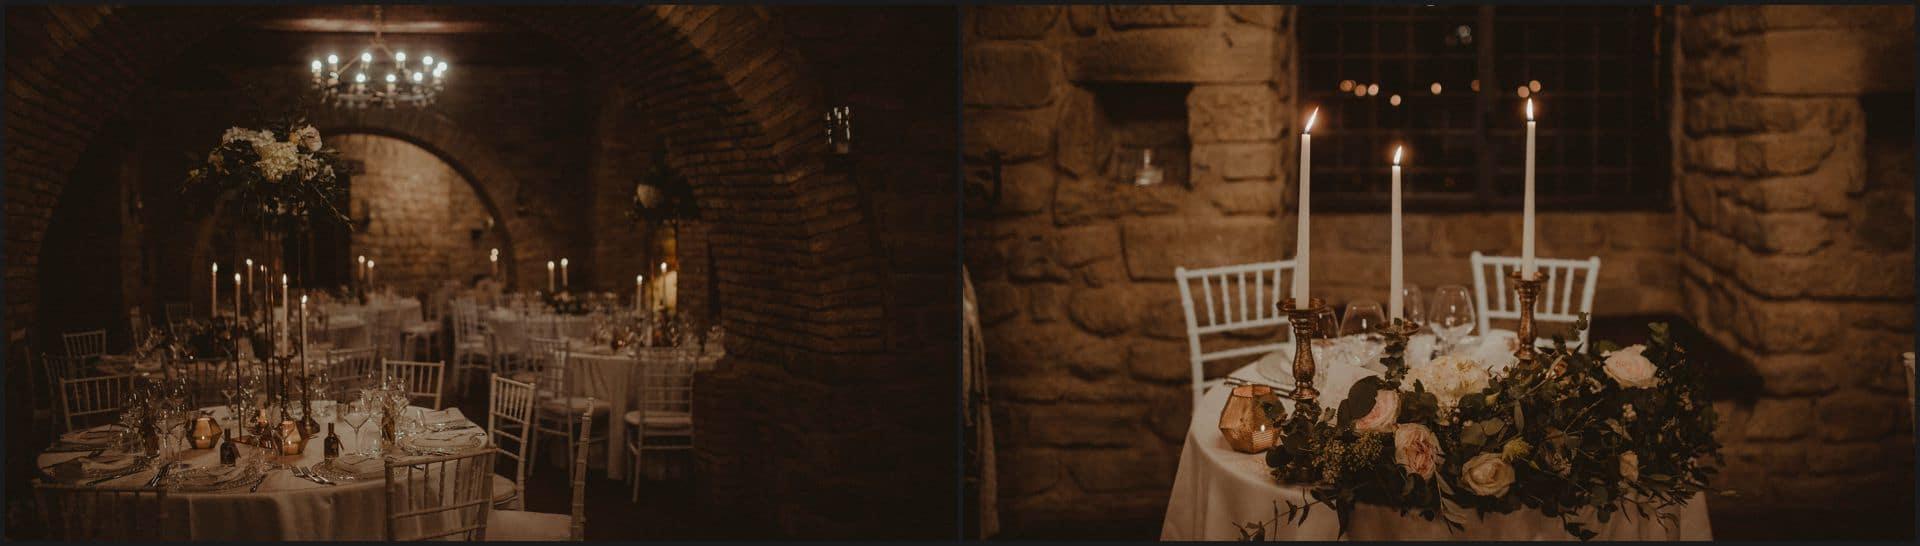 Castello di Rosciano, wedding, Perugia, details